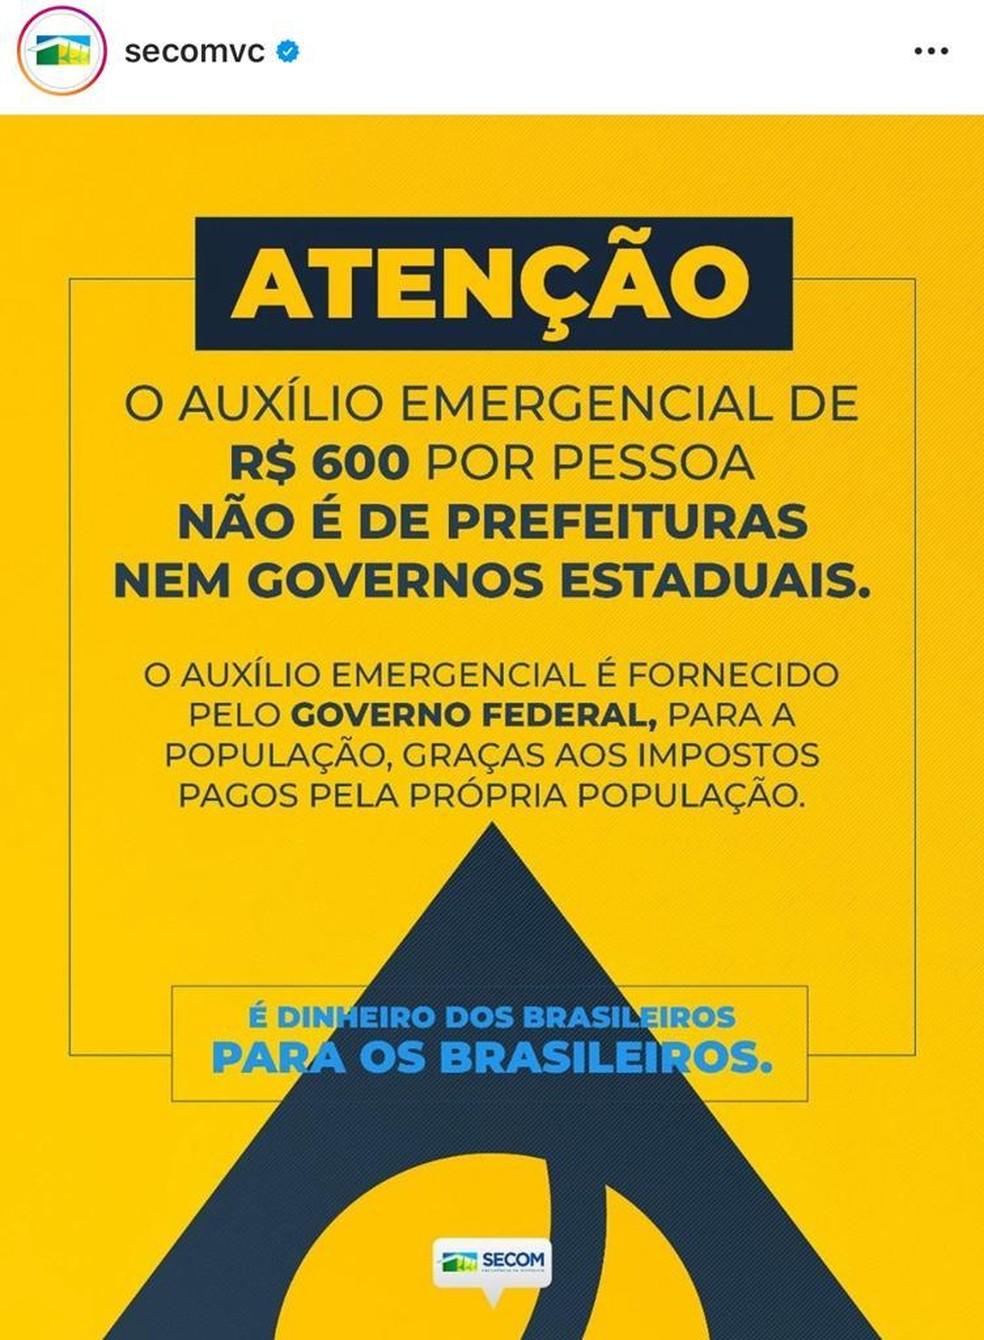 Mensagem publicada em perfil oficial do governo Jair Bolsonaro sobre a 'autoria' do auxílio de R$ 600 — Foto: Instagram/Reprodução